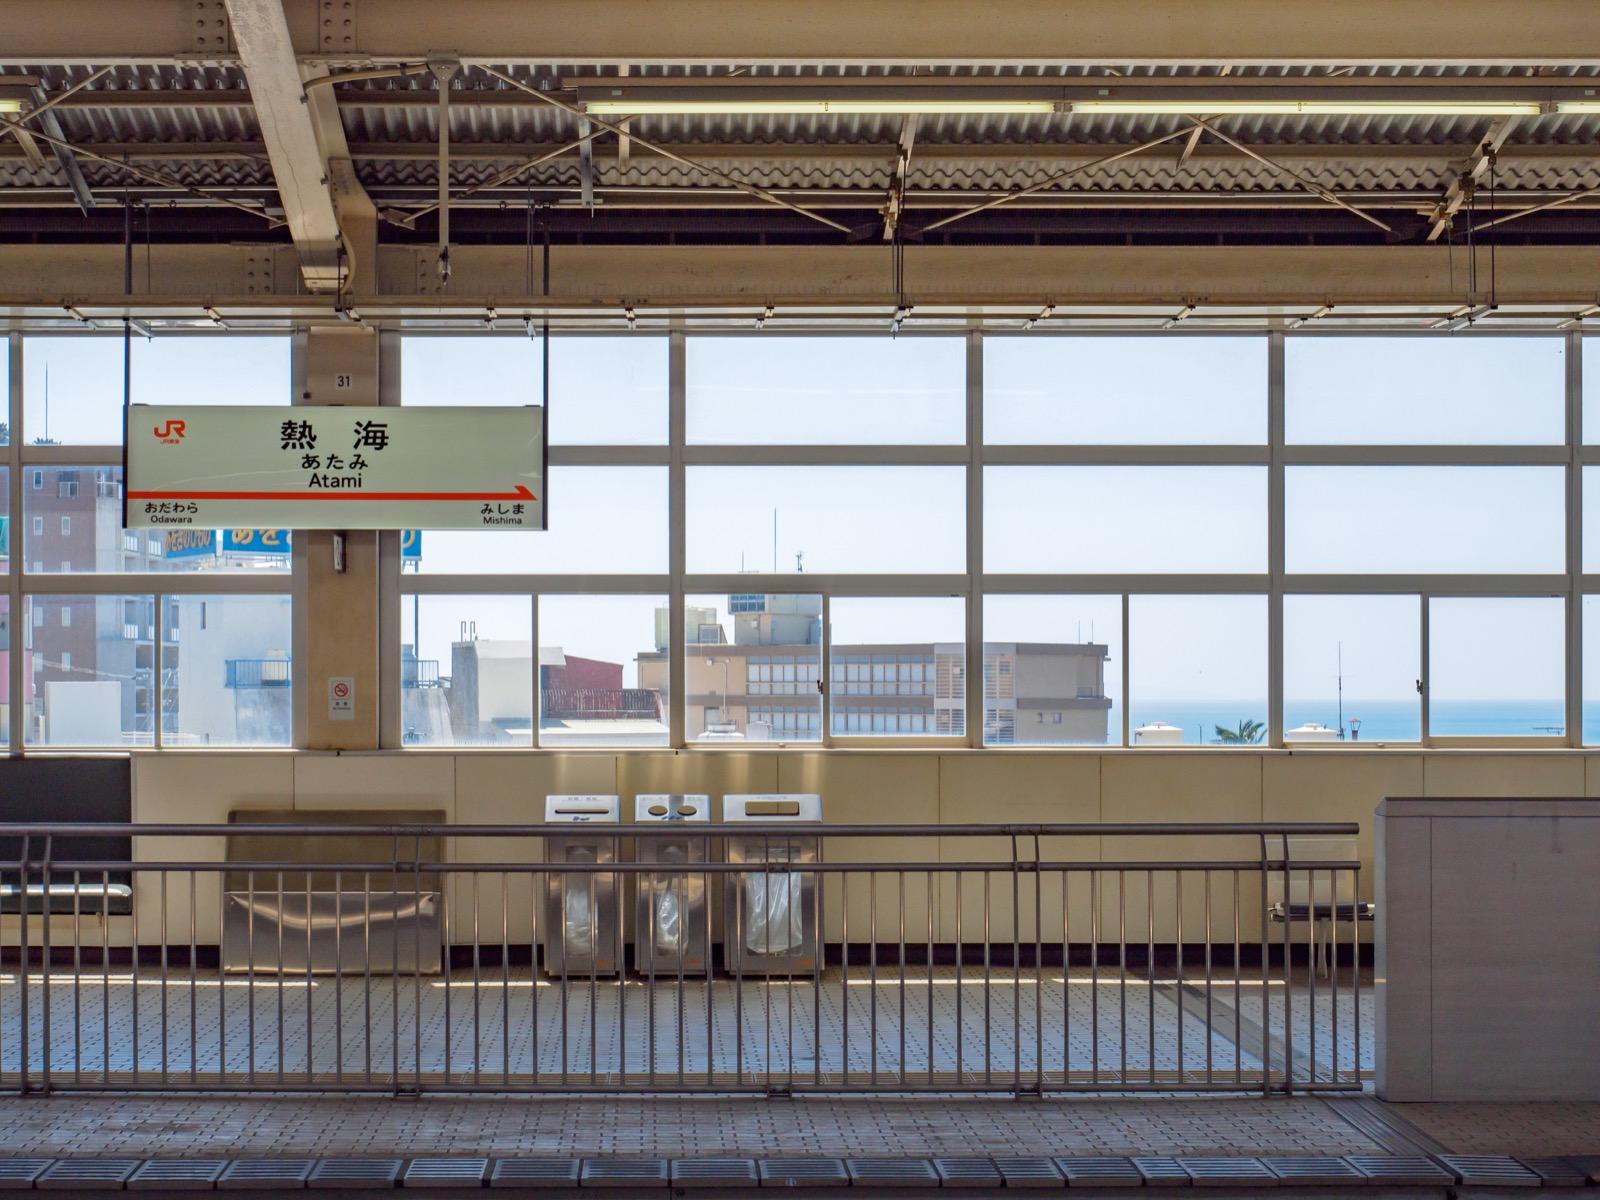 東海道新幹線熱海駅のホームと相模灘(2016年5月)